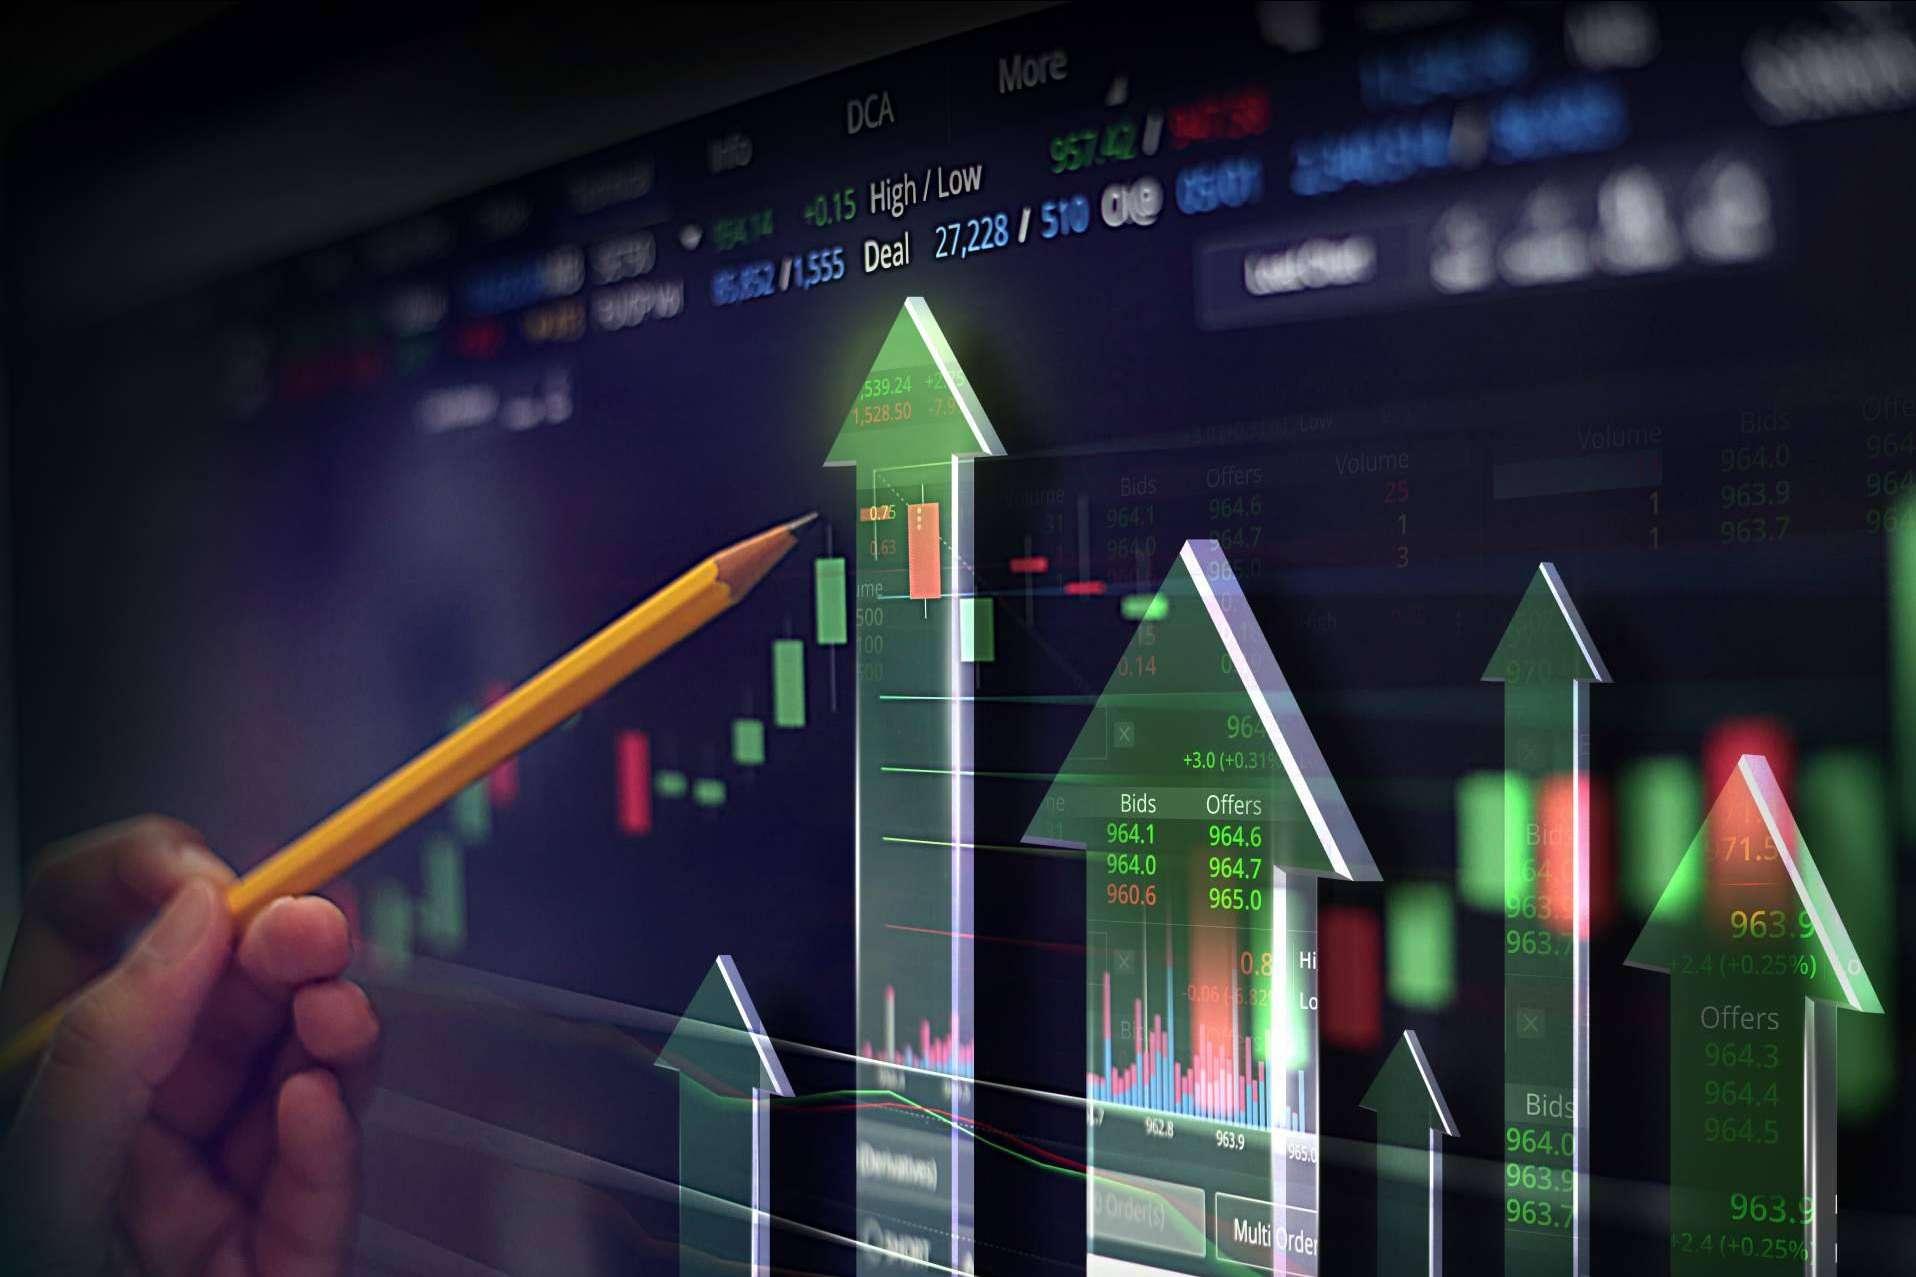 El trading de volumen: una información completa para invertir en el mercado financiero, por Delta Value